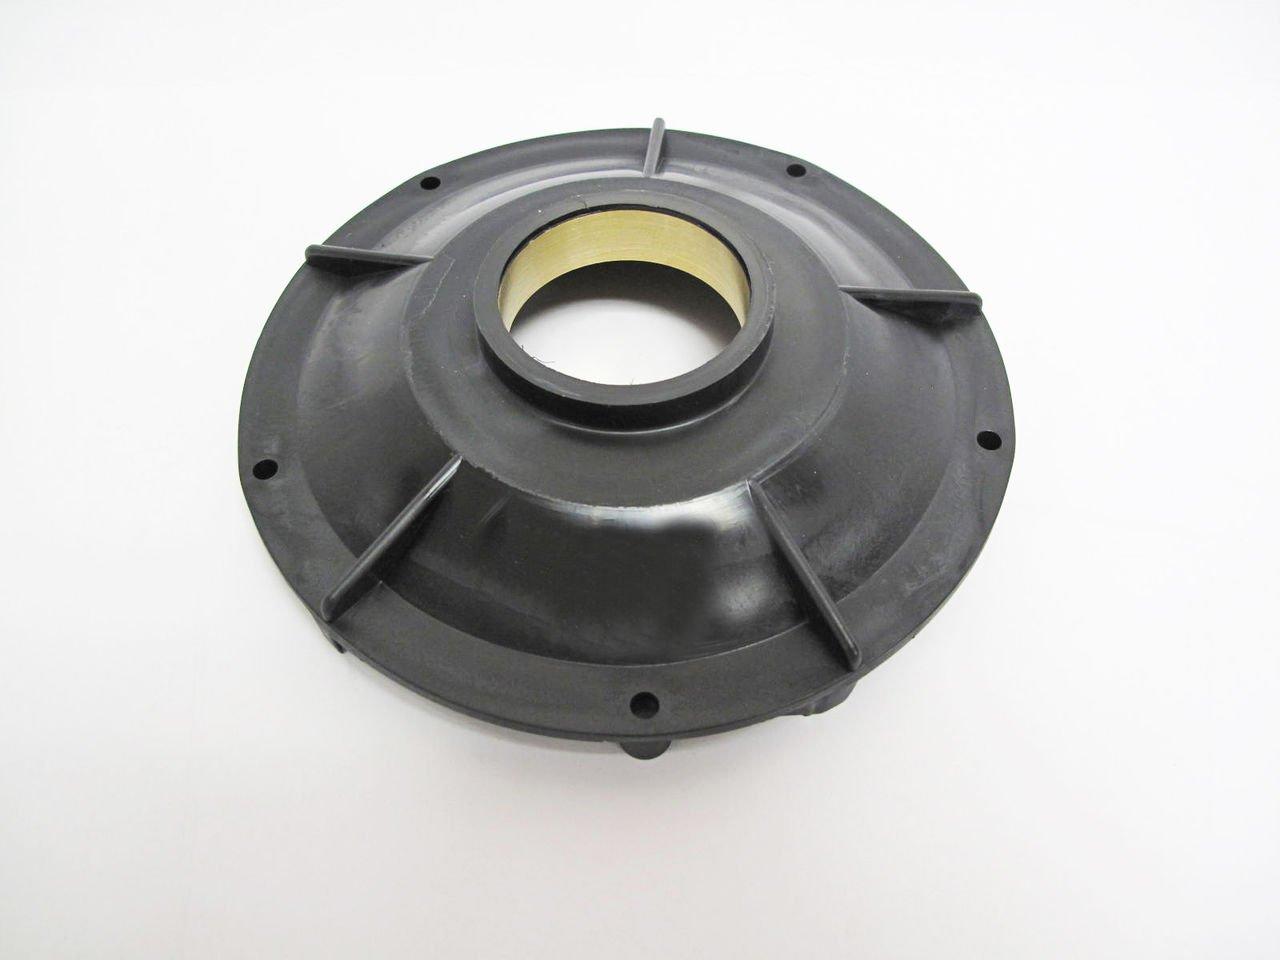 VALPAK V34-011 Diffuser 1 - 2 1/2 Horsepower - AR Pump